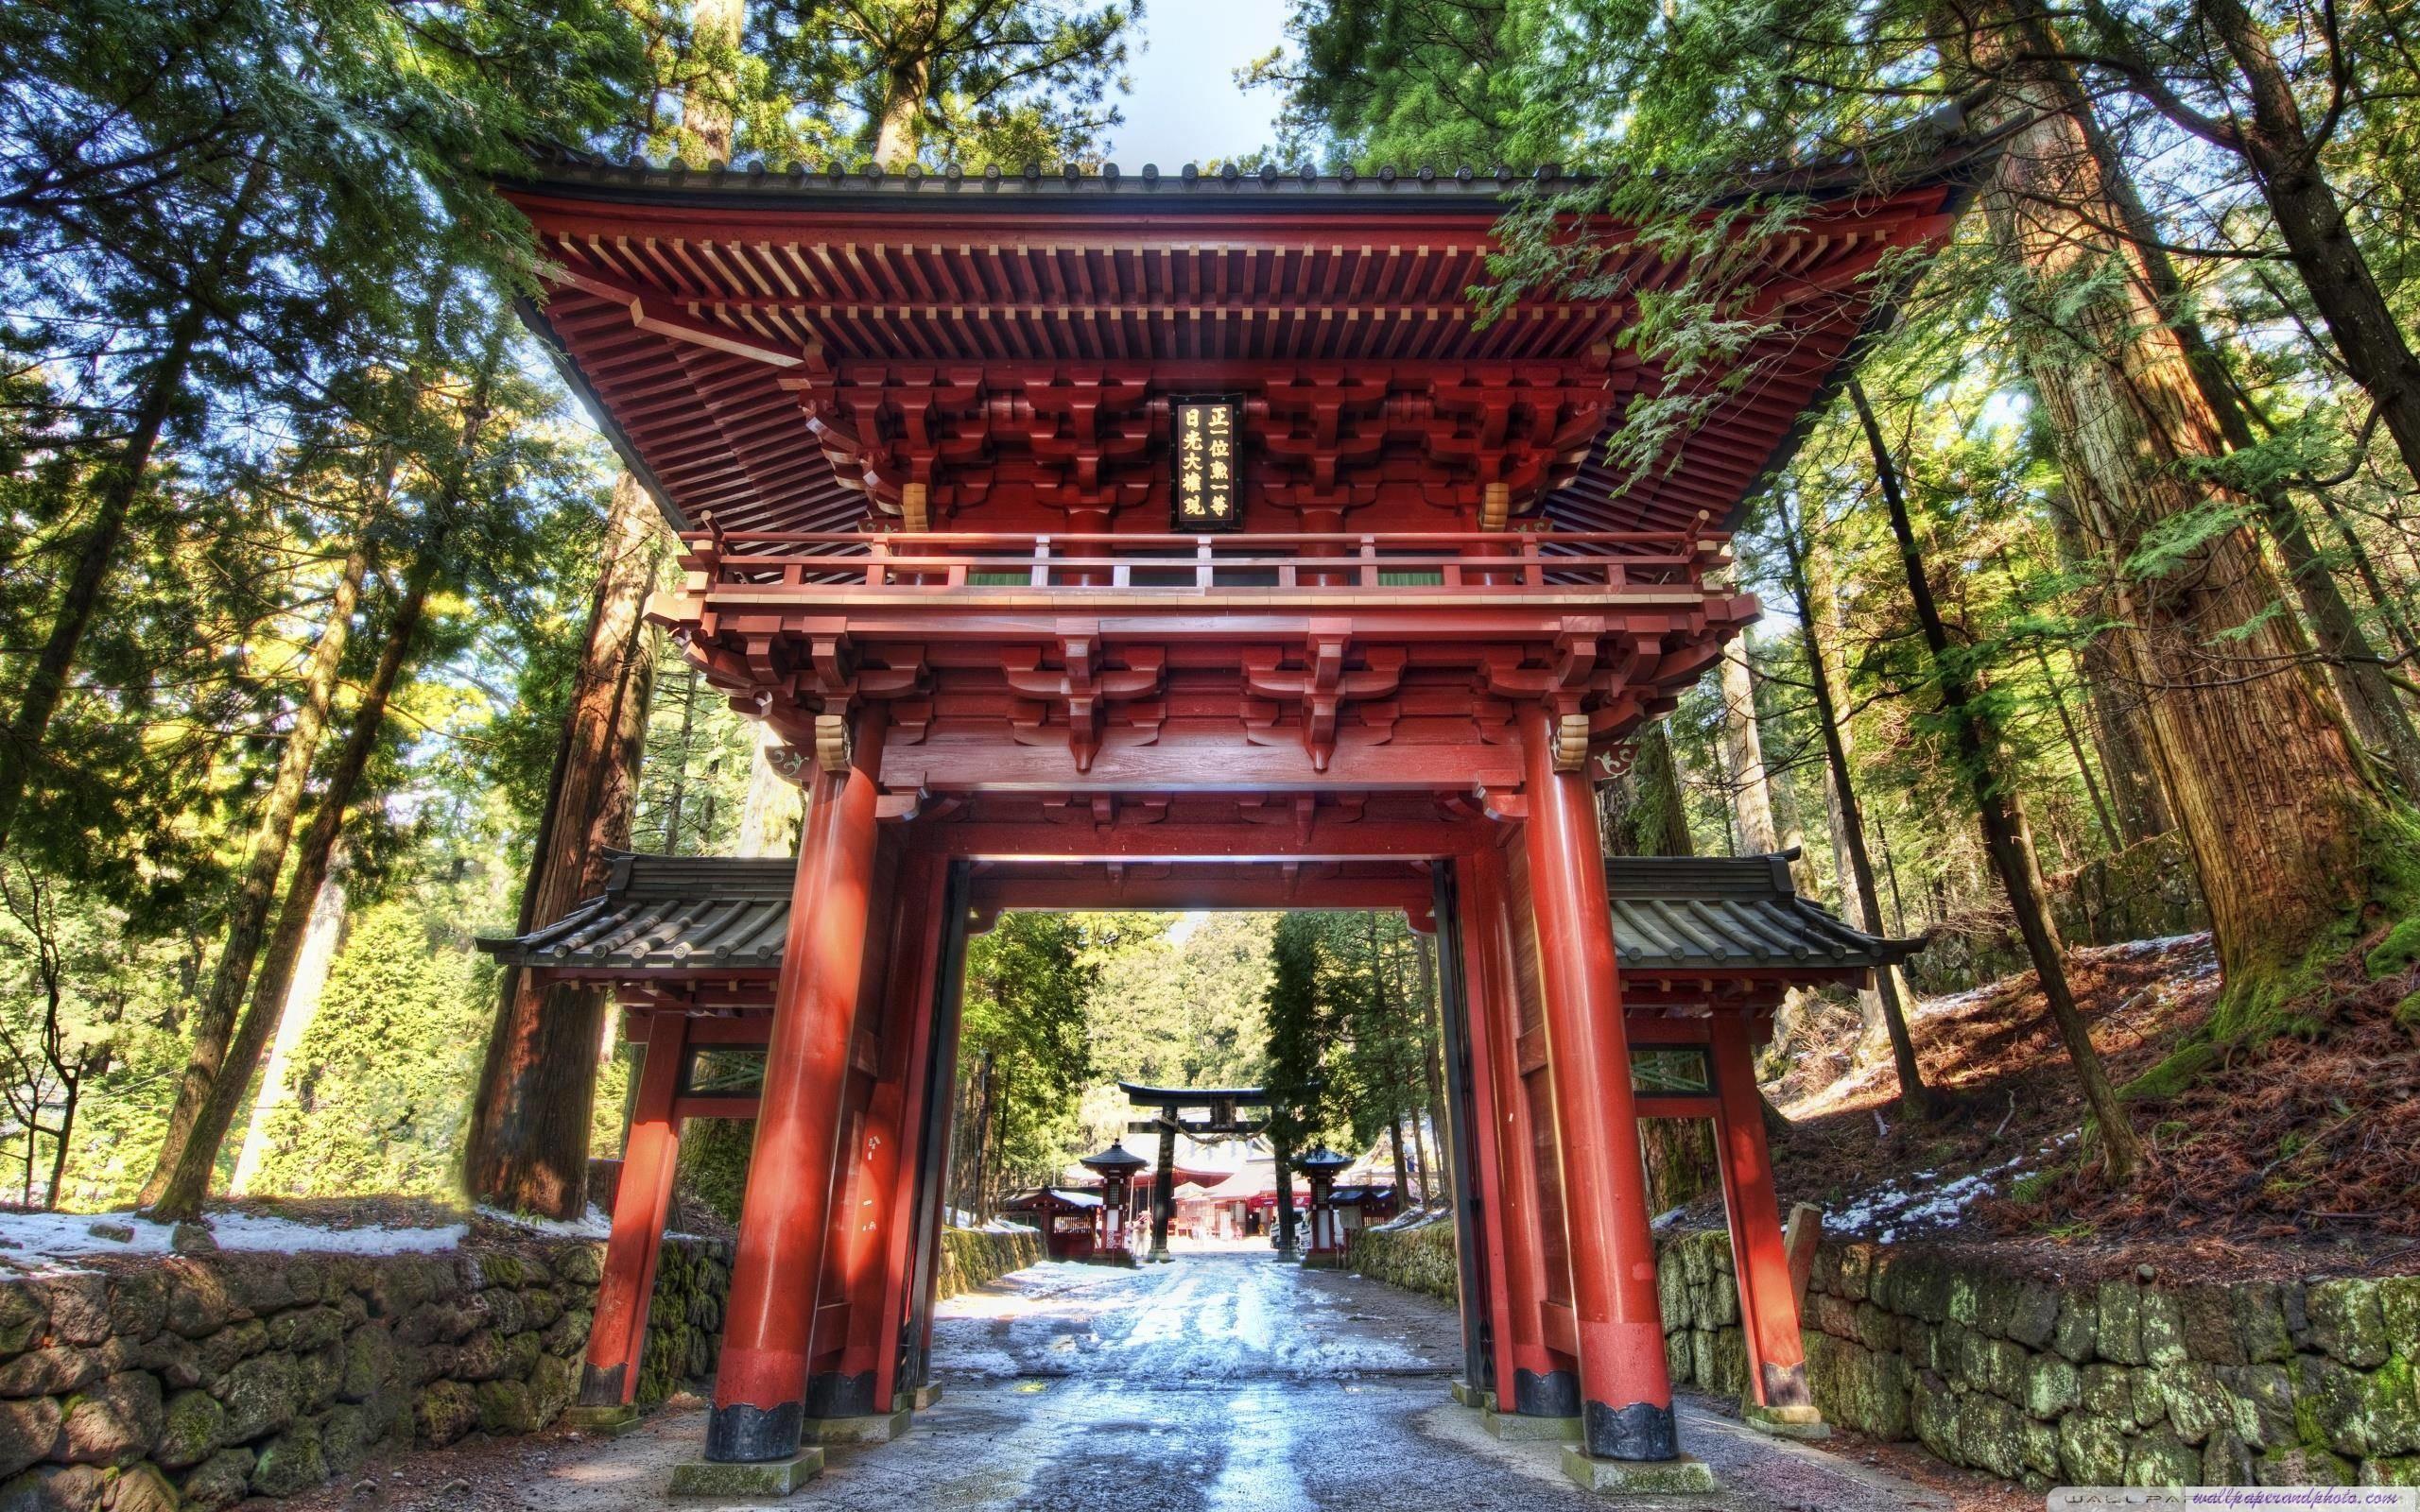 Temple Gate In Japan HD 16:9 16:10 desktop wallpaper: High Definition